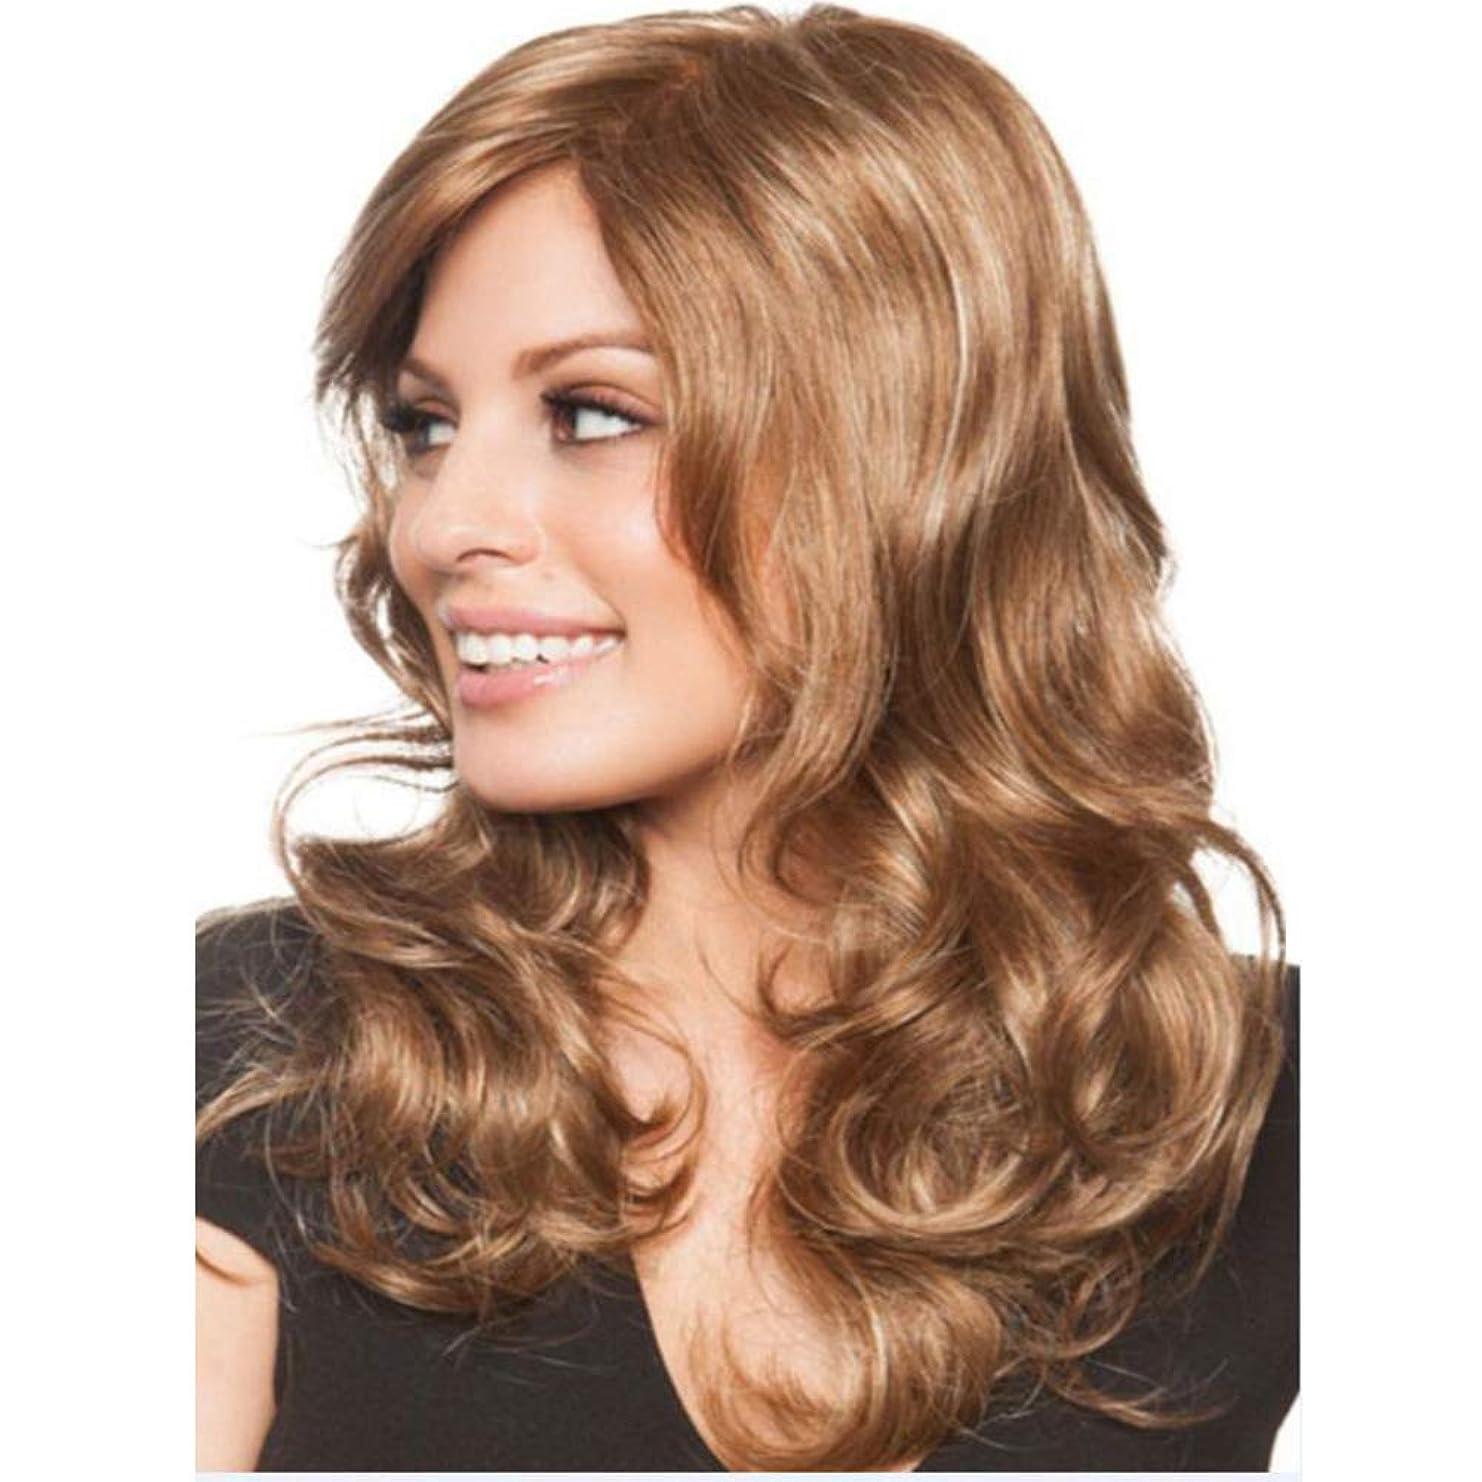 嫌い家族開始女性用ロングウェーブカーリーウィッグローズネットフルヘッドウィッグ耐熱合成かつらブラウン50 cm